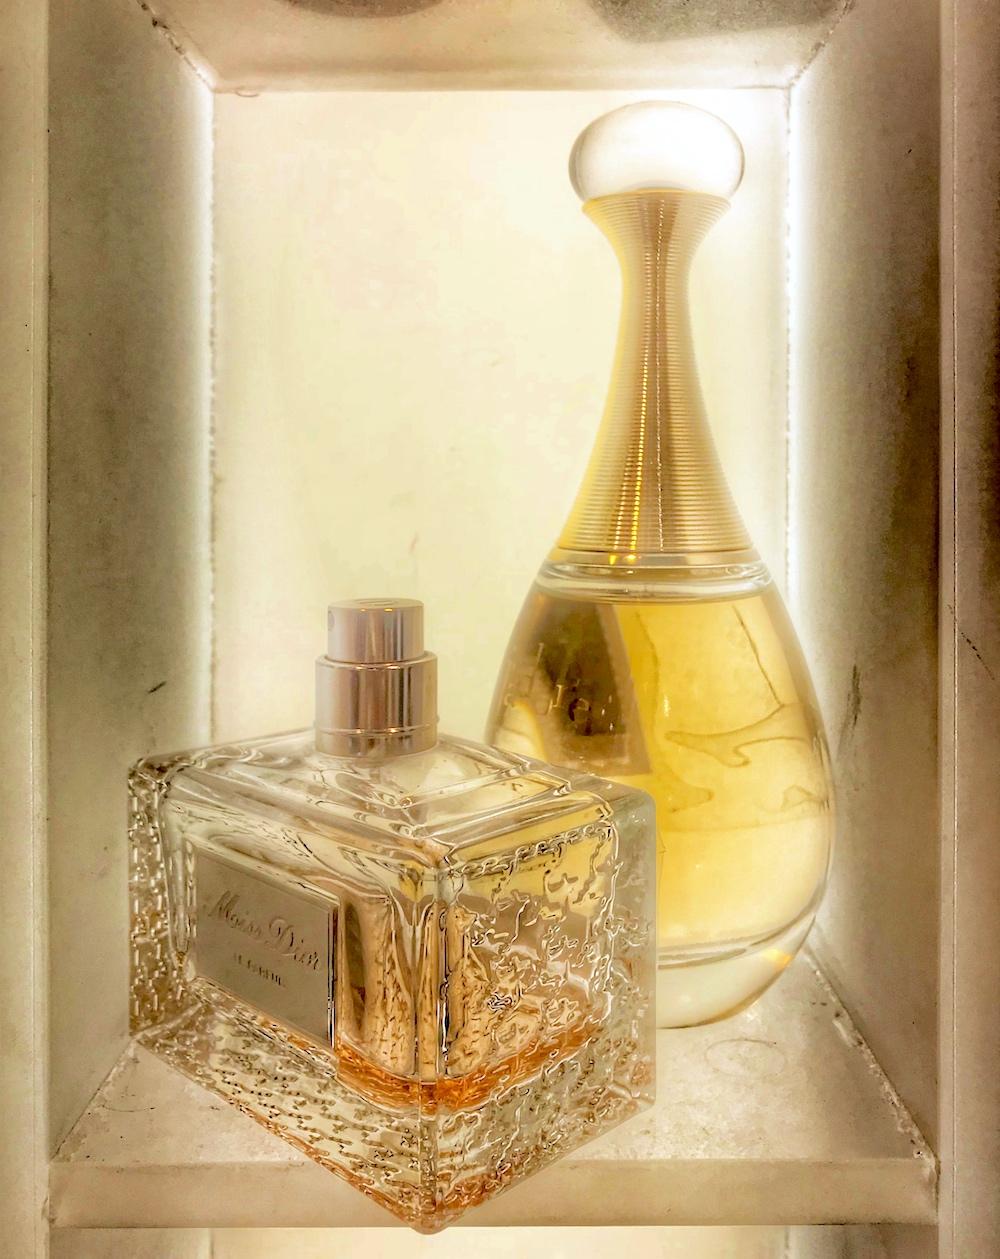 afrodyzjak, aromaterapia, perfumy, Uroda, zapach, Zdrowie, Zdrowie i Uroda, perfumy afrodyzjaki forum, jaki zapach perfum podnieca mężczyzn, perfumy z afrodyzjakiem, afrodyzjaki perfumy opinie, perfumy jako afrodyzjak, paczula afrodyzjak, perfumy które uwodzą mężczyzn, perfumy które podniecają kobietę